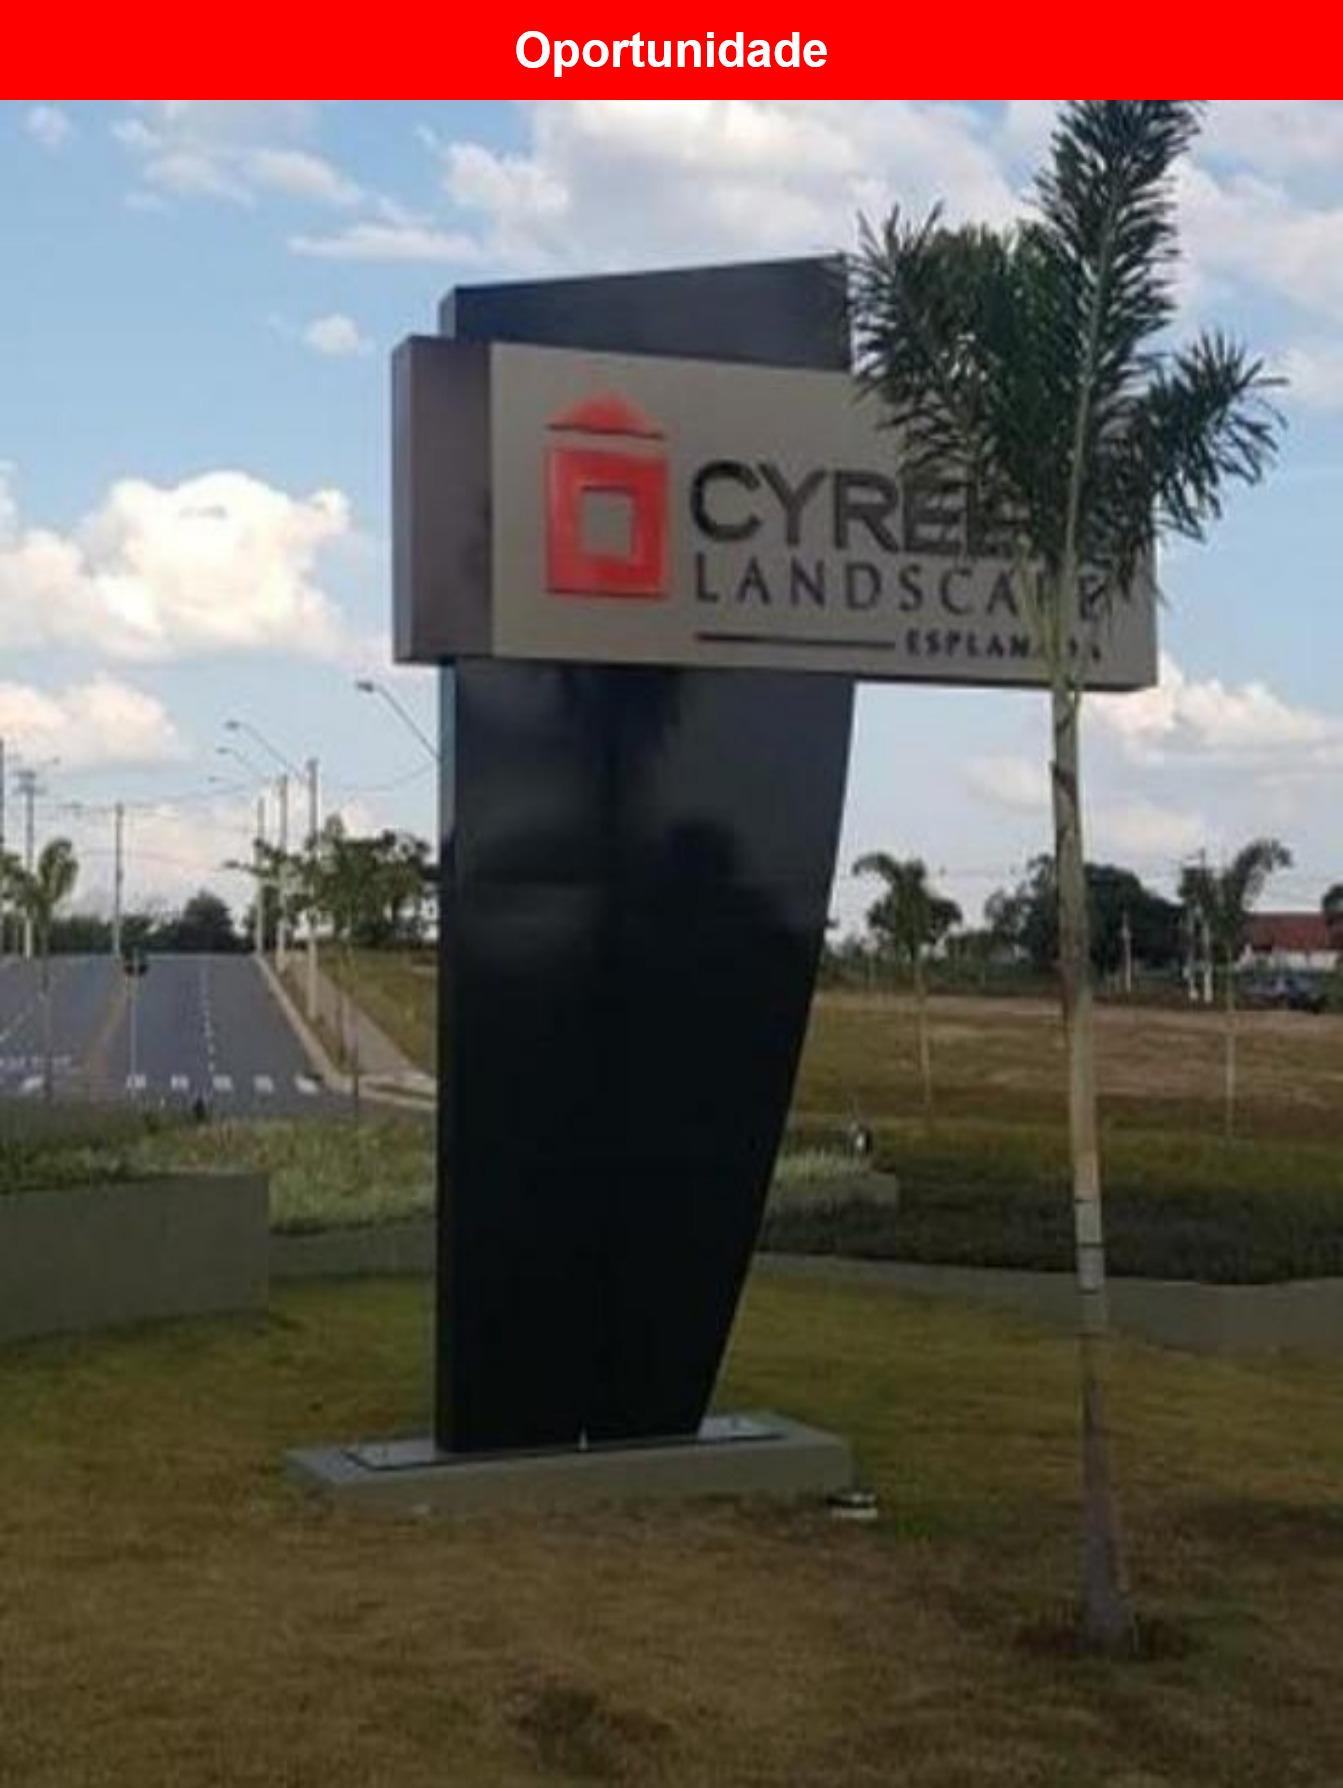 Terreno a venda no condominio Cyrella Landscape Esplanada, Votorantim - sp